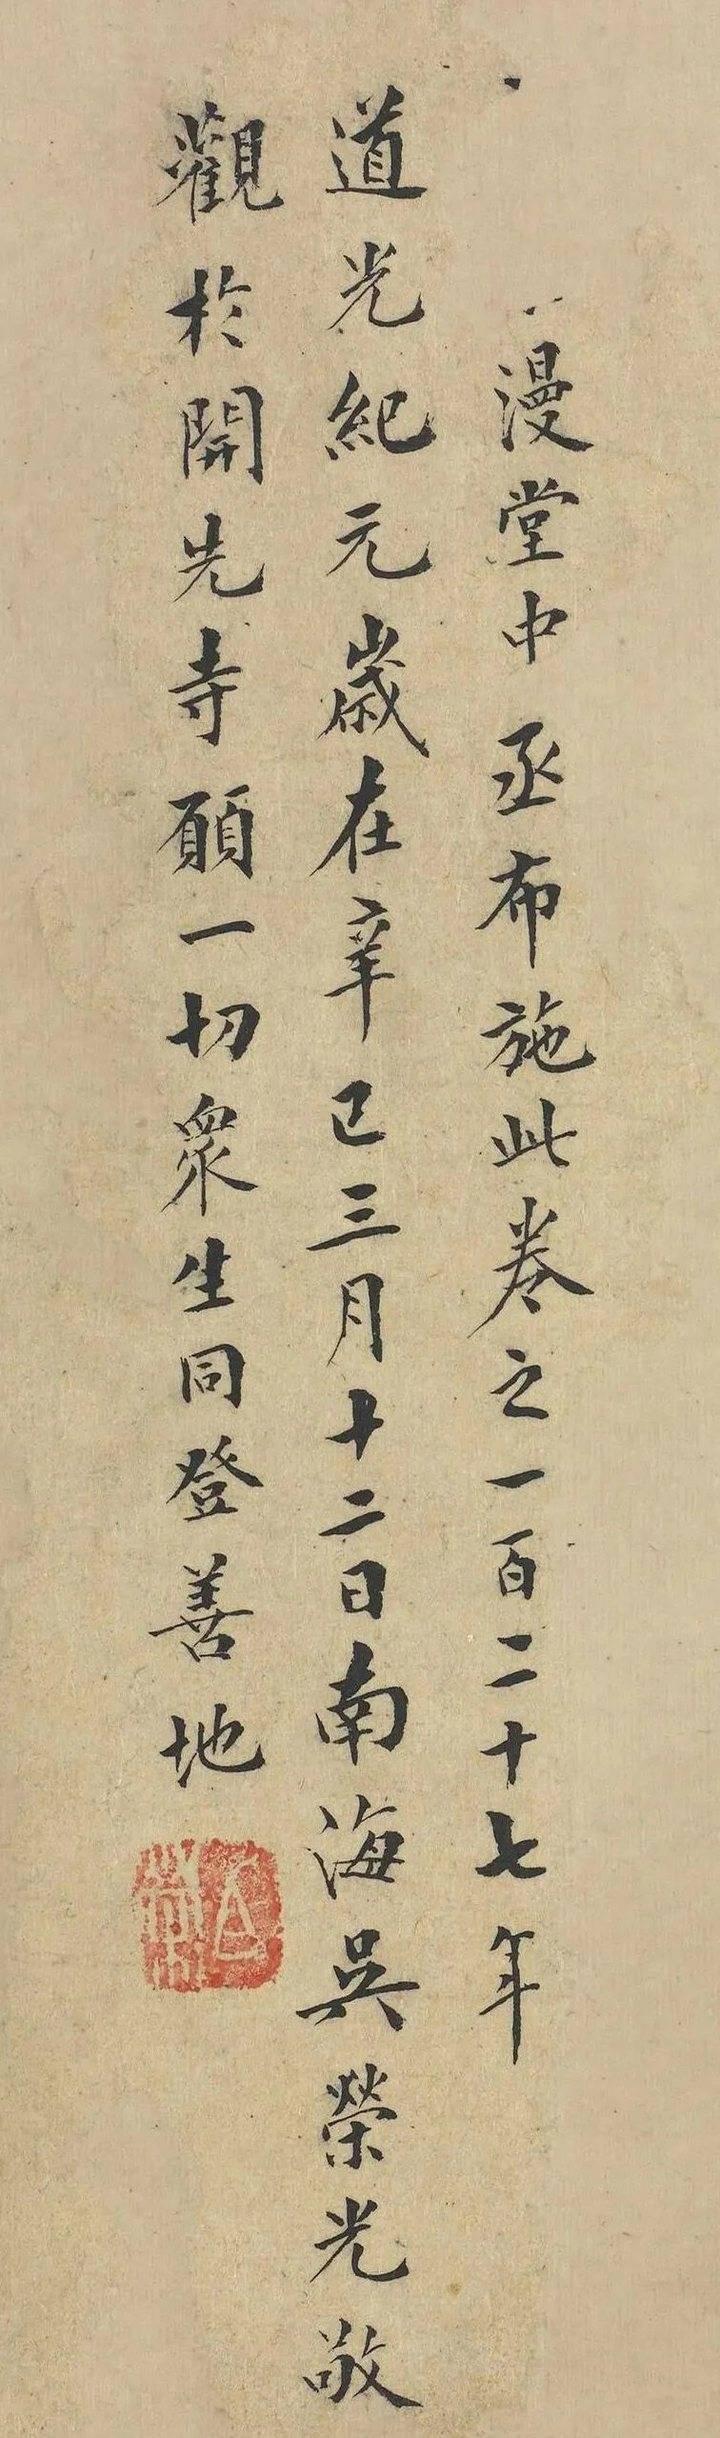 清代七位官员的题跋欣赏